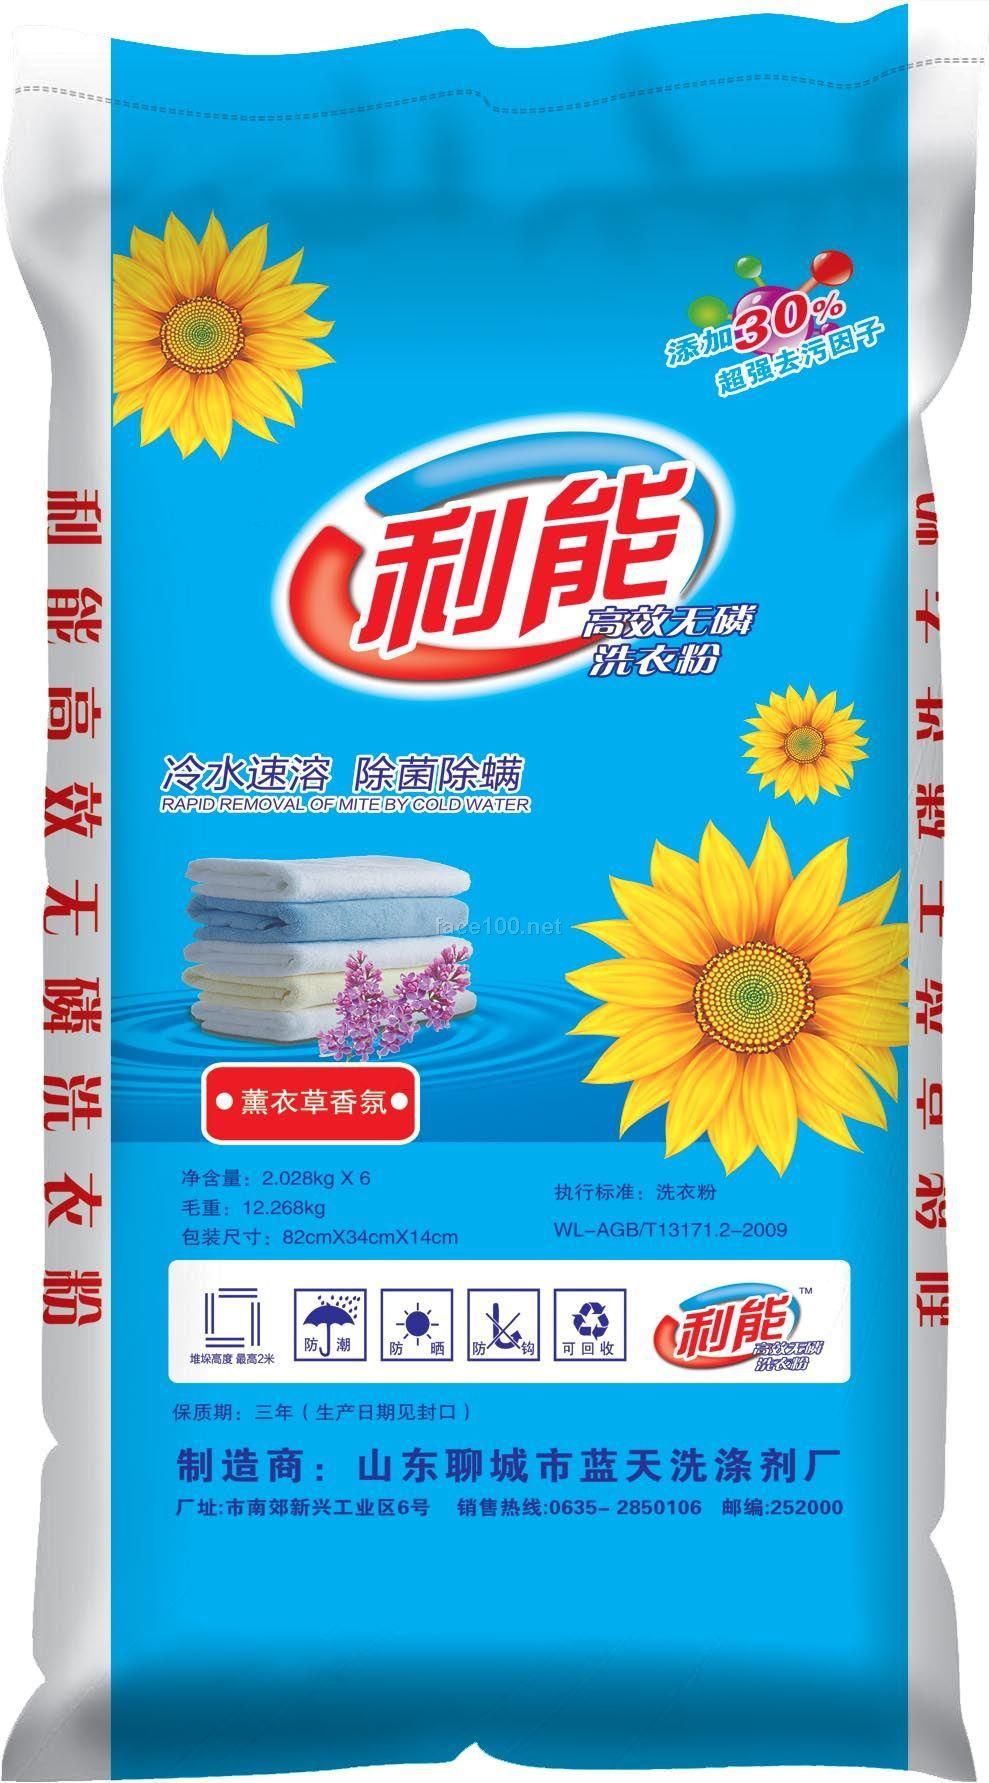 利能洗衣液、洗洁精、洗衣粉吉林、黑龙江、北京、天津各县市代理商、贴牌加工、OEM